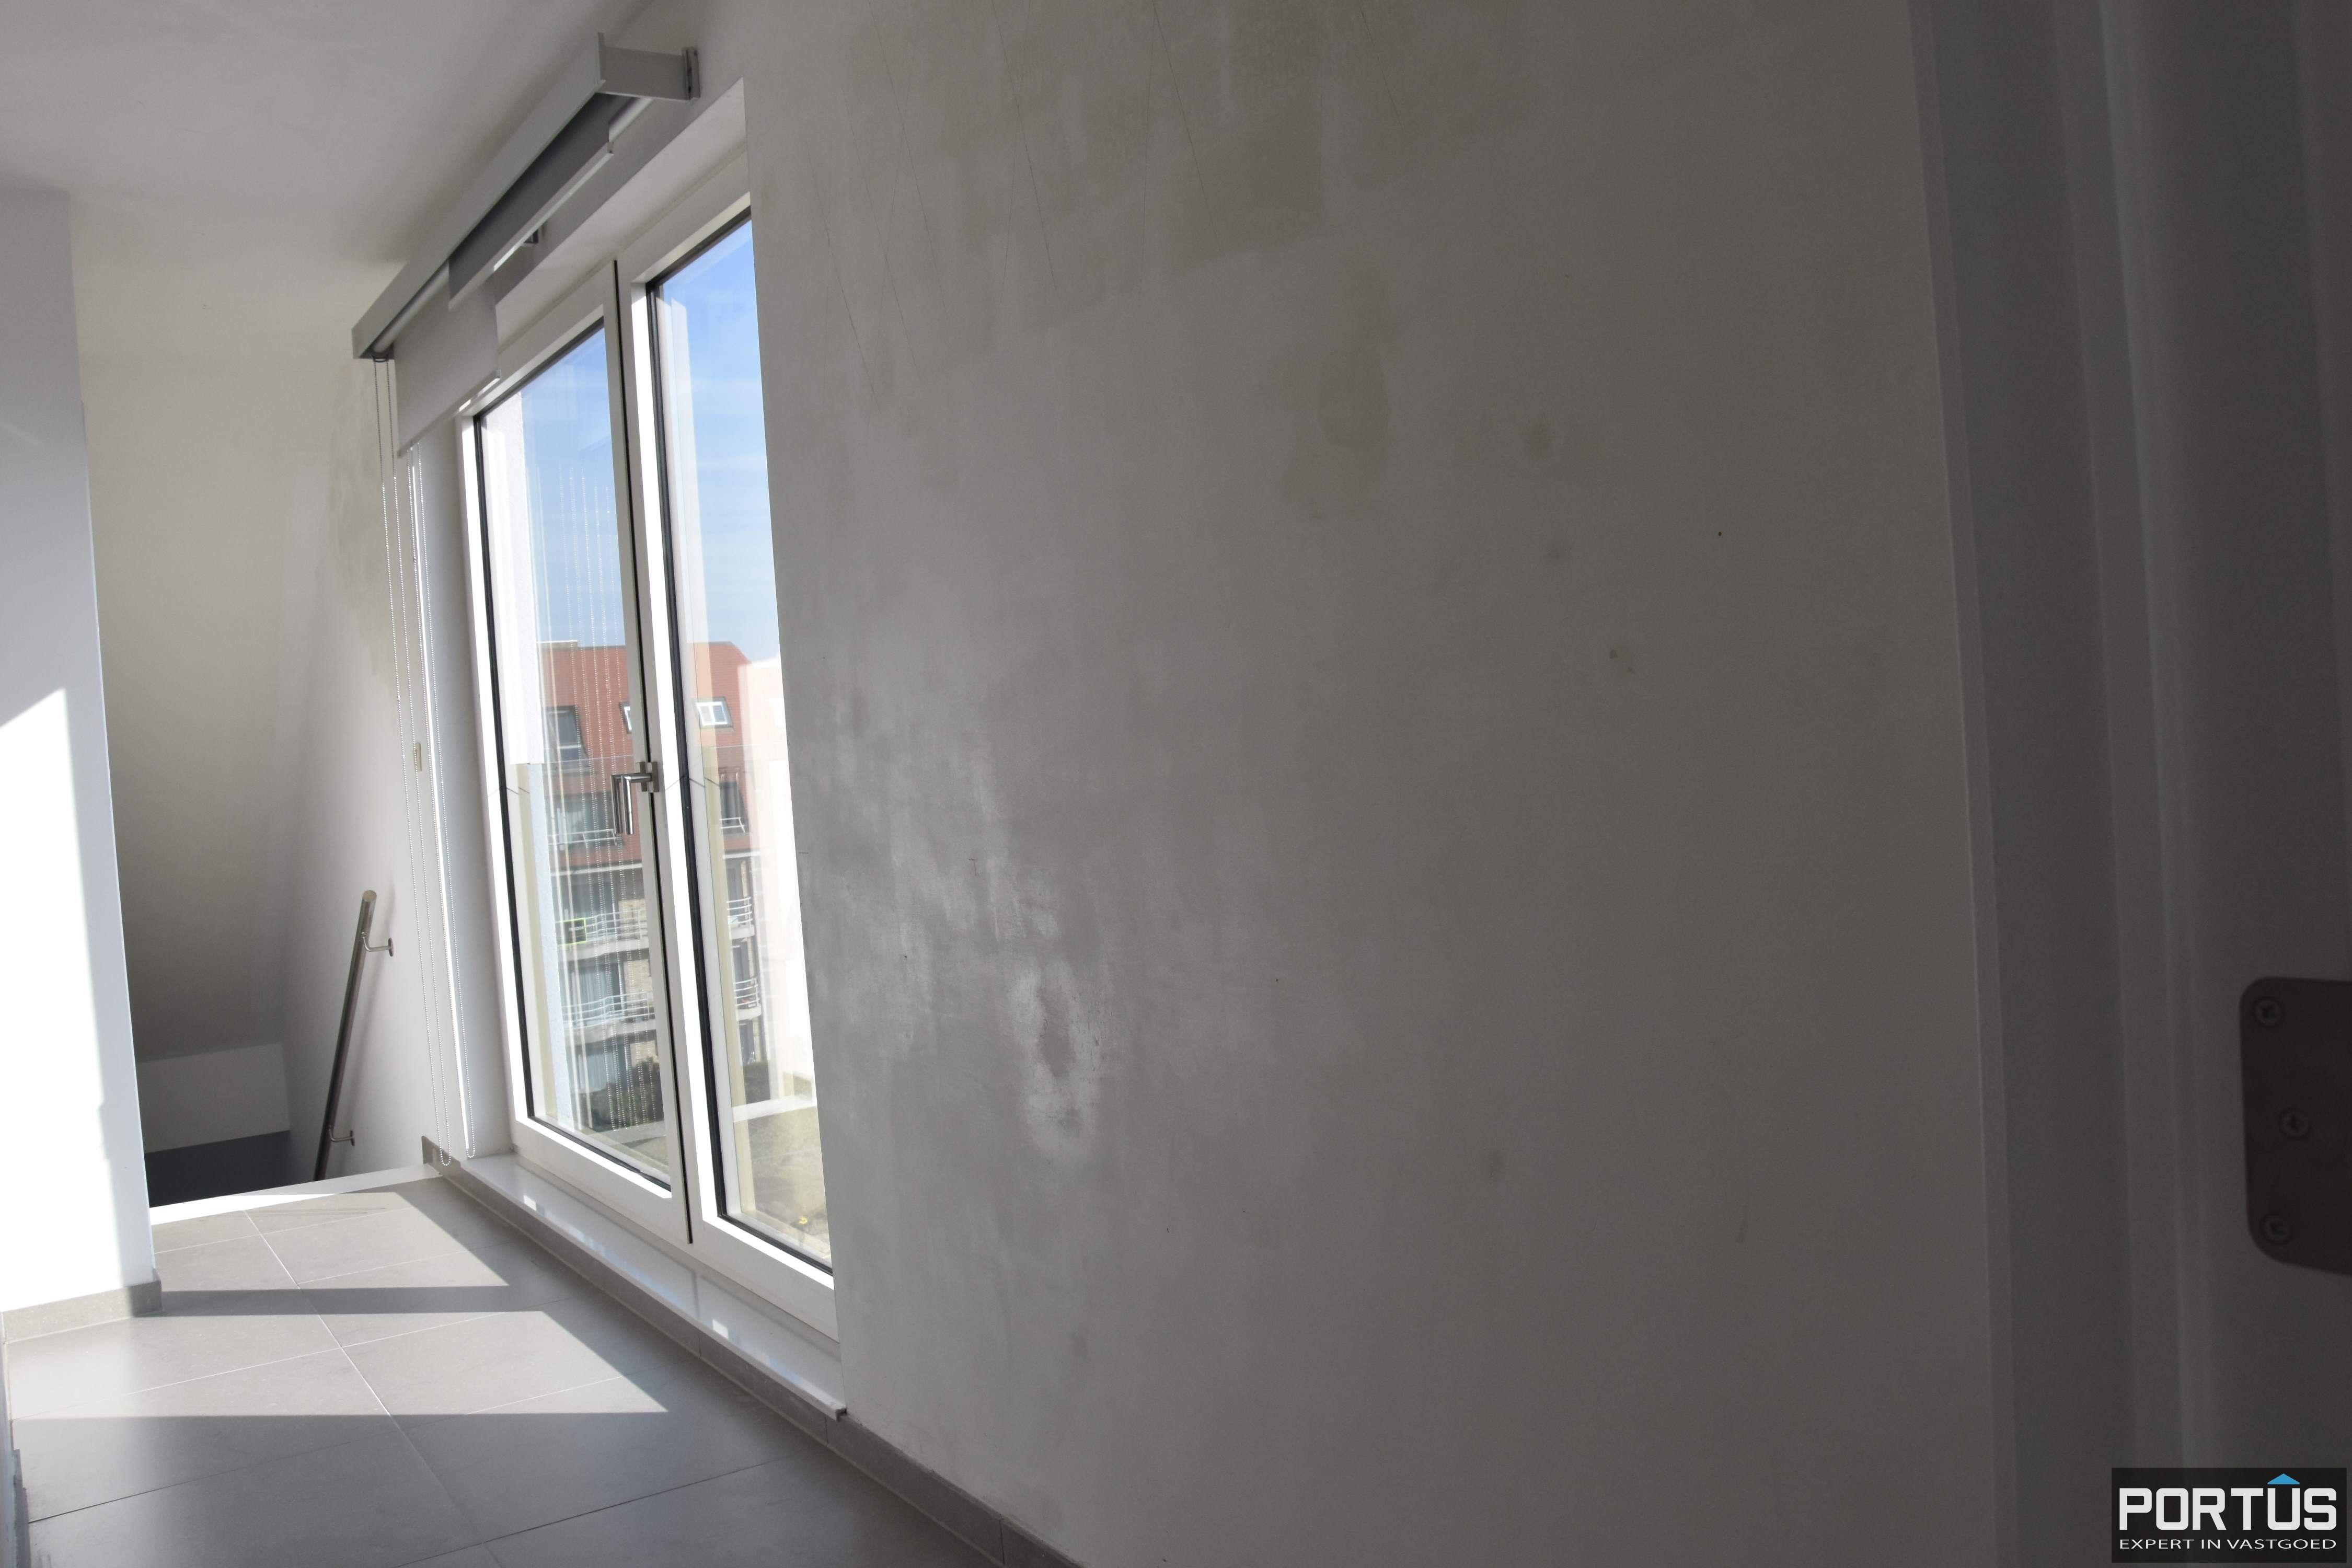 Recent appartement te huur met 3 slaapkamers, kelderberging en parking - 13803